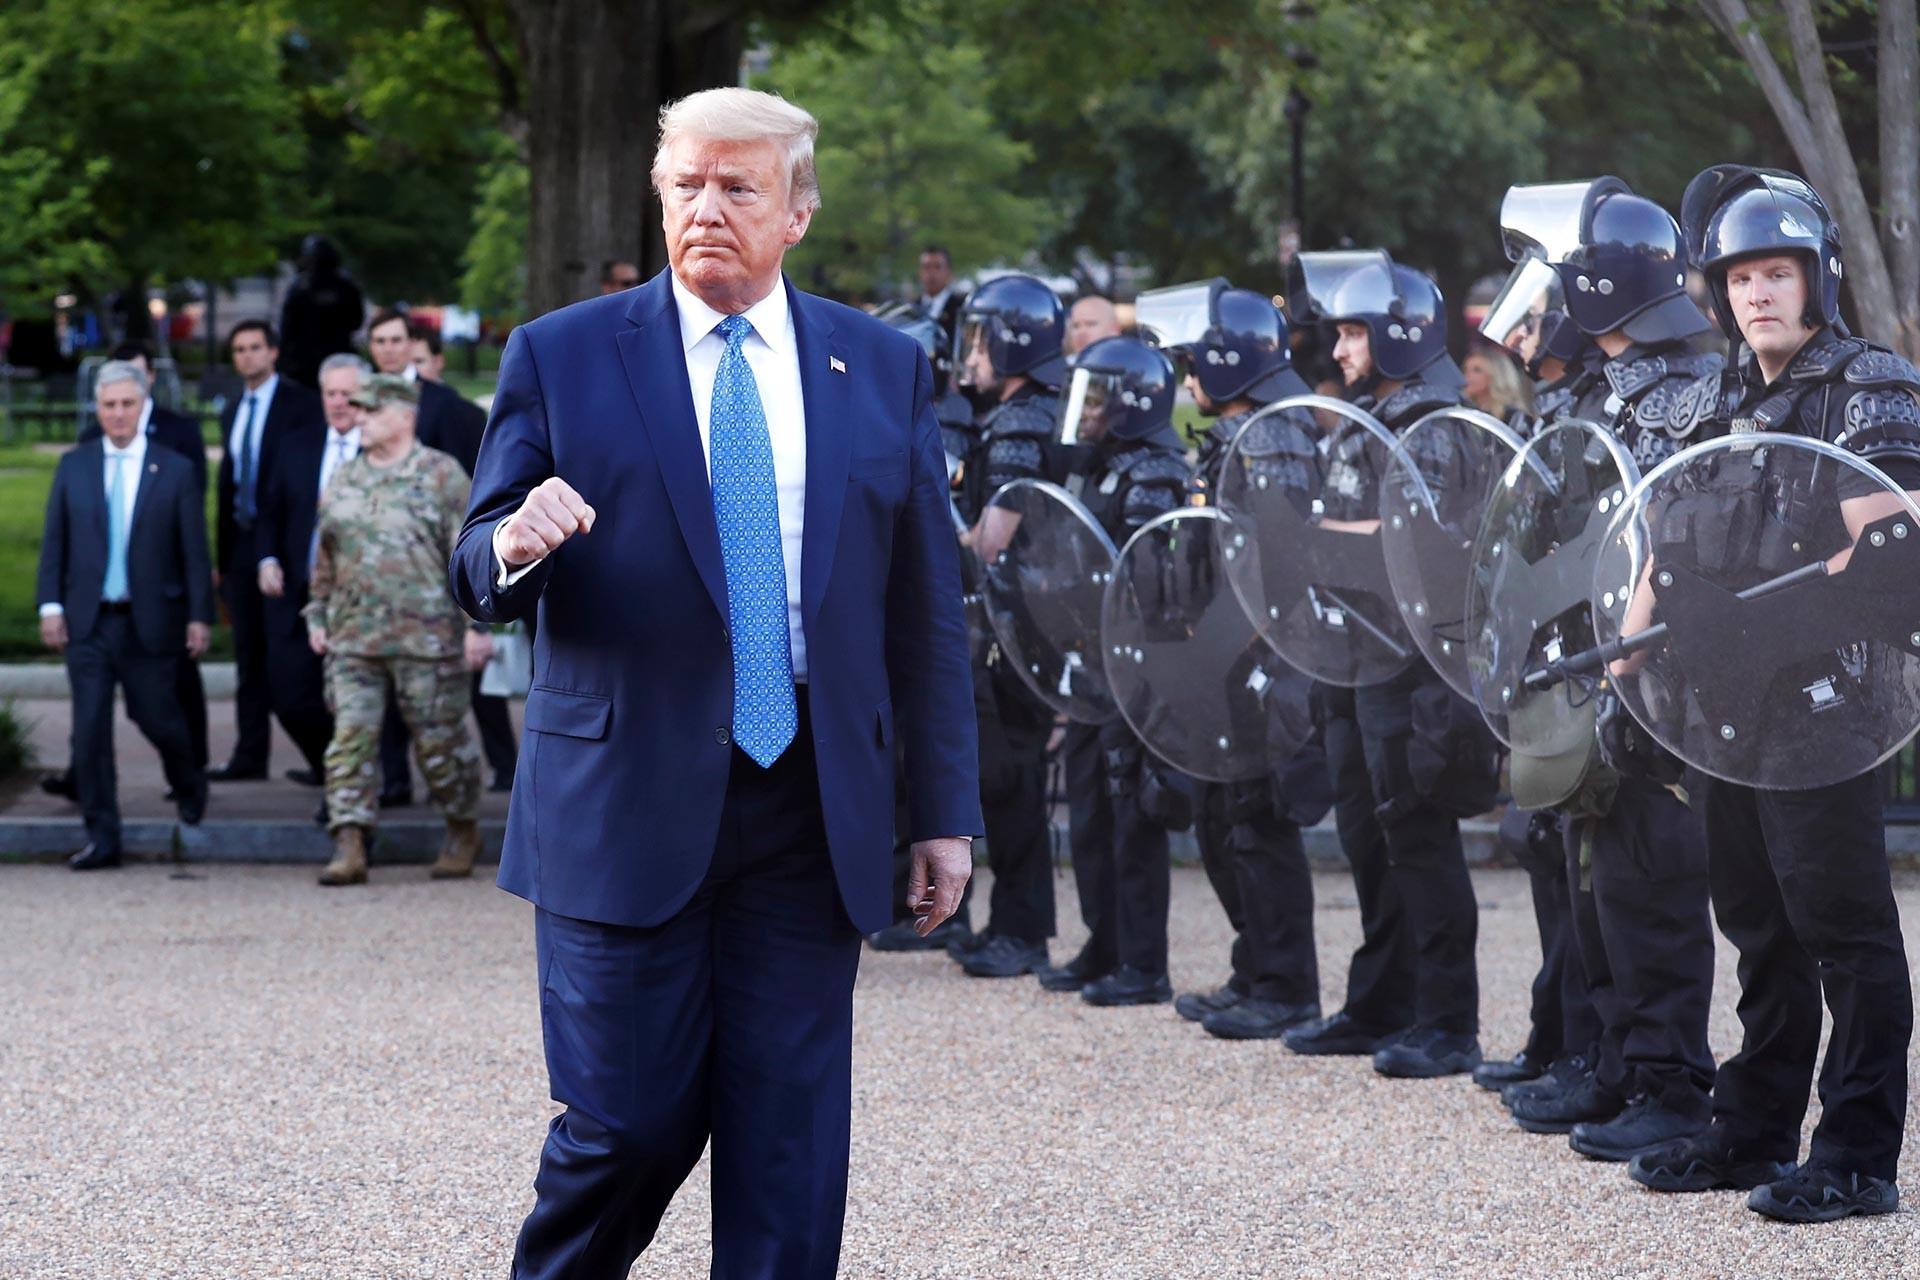 ABD Başkanı Donald Trump, St. Johns Kilisesi'ne elinde tuttuğu İncil ile yürürken.